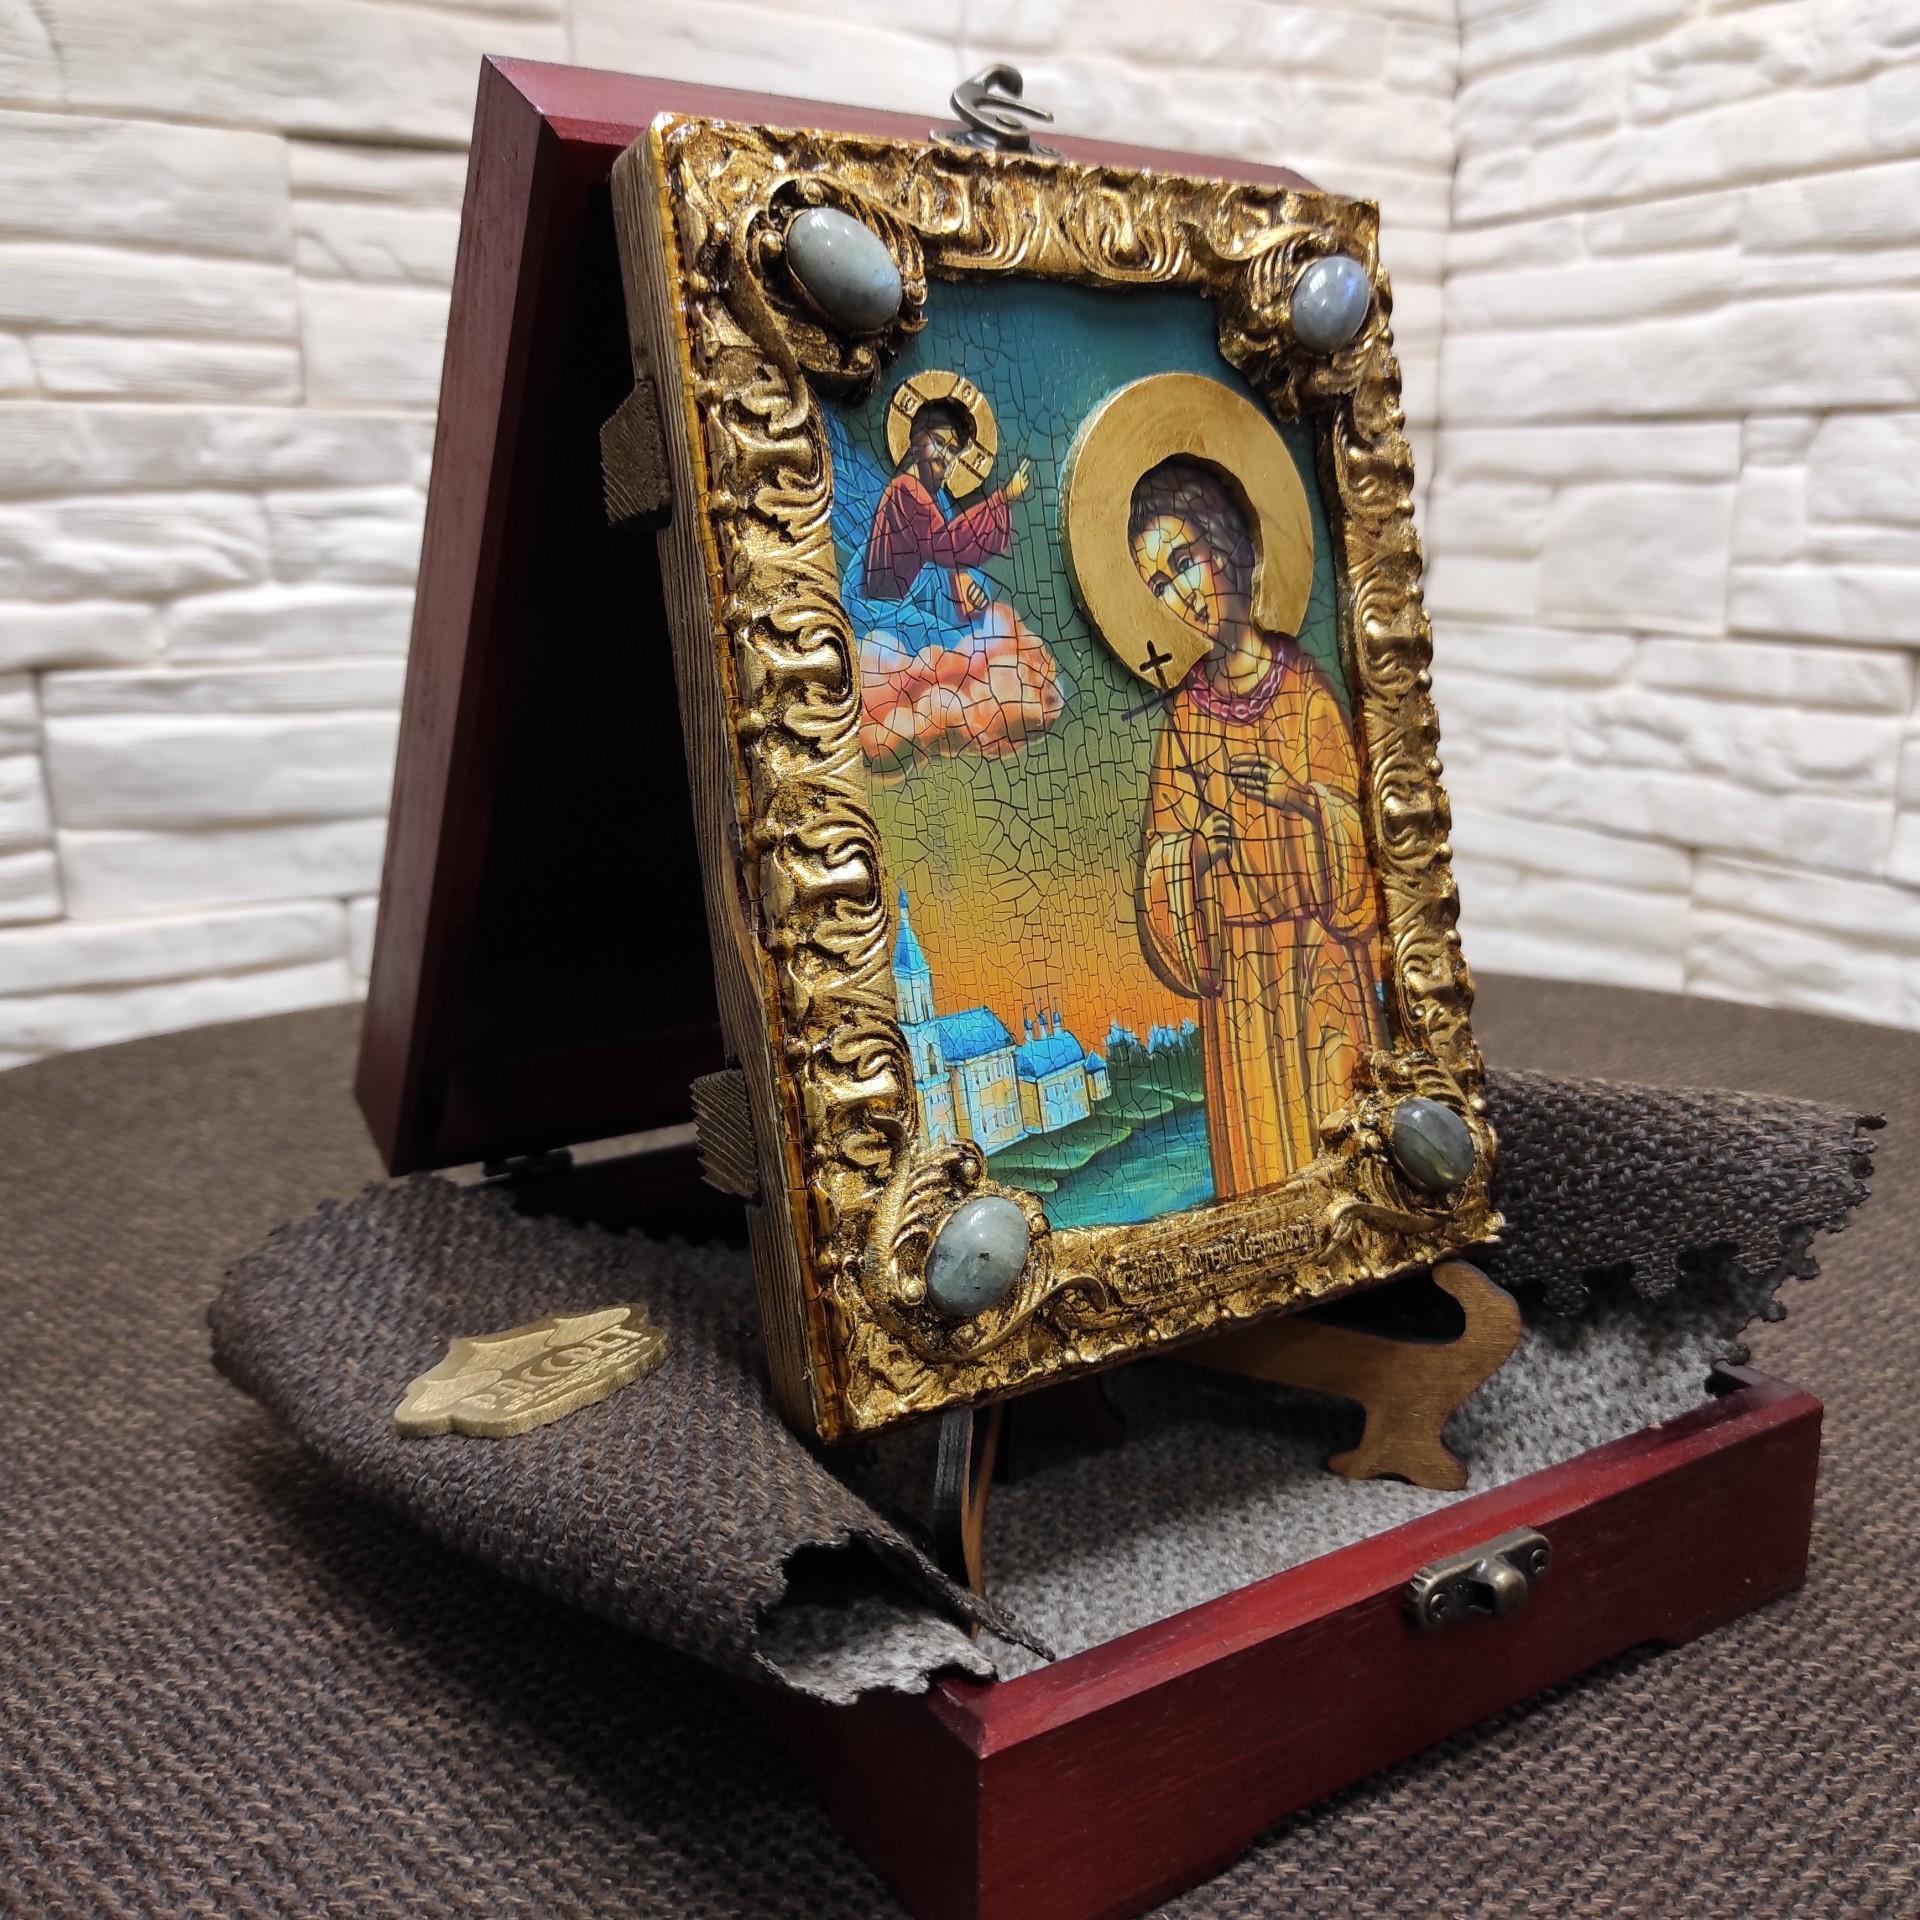 Фото небольшой иконы Артемия Веркольского, подарочная на подставке в футляре